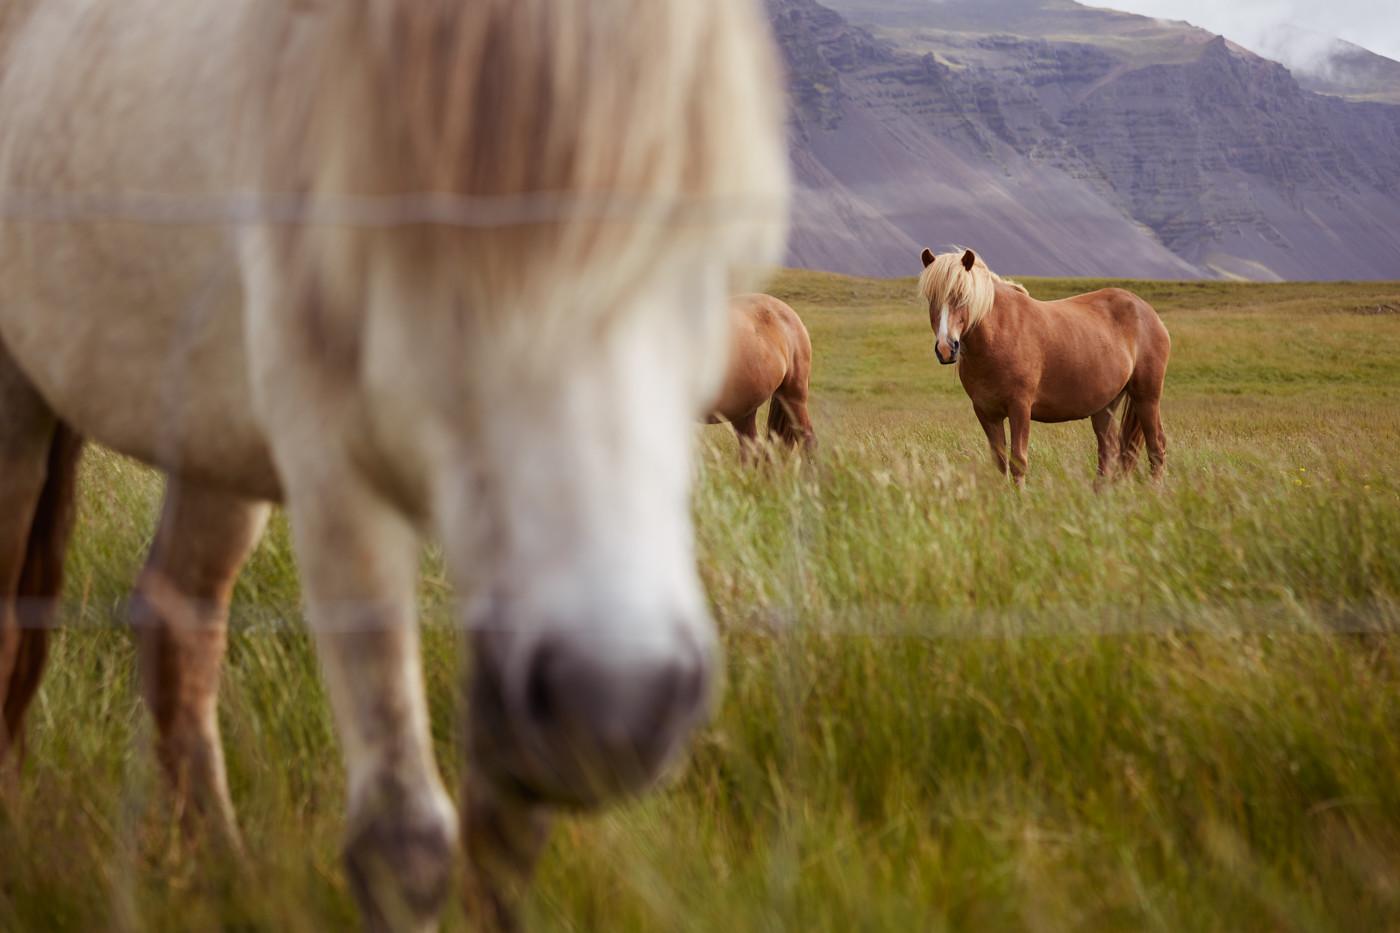 Islandpferde, Weide, Iceland, Island, Reiseblog, Travelblogger, Where to see icelandic ponys, wo sieht man Islandpferde